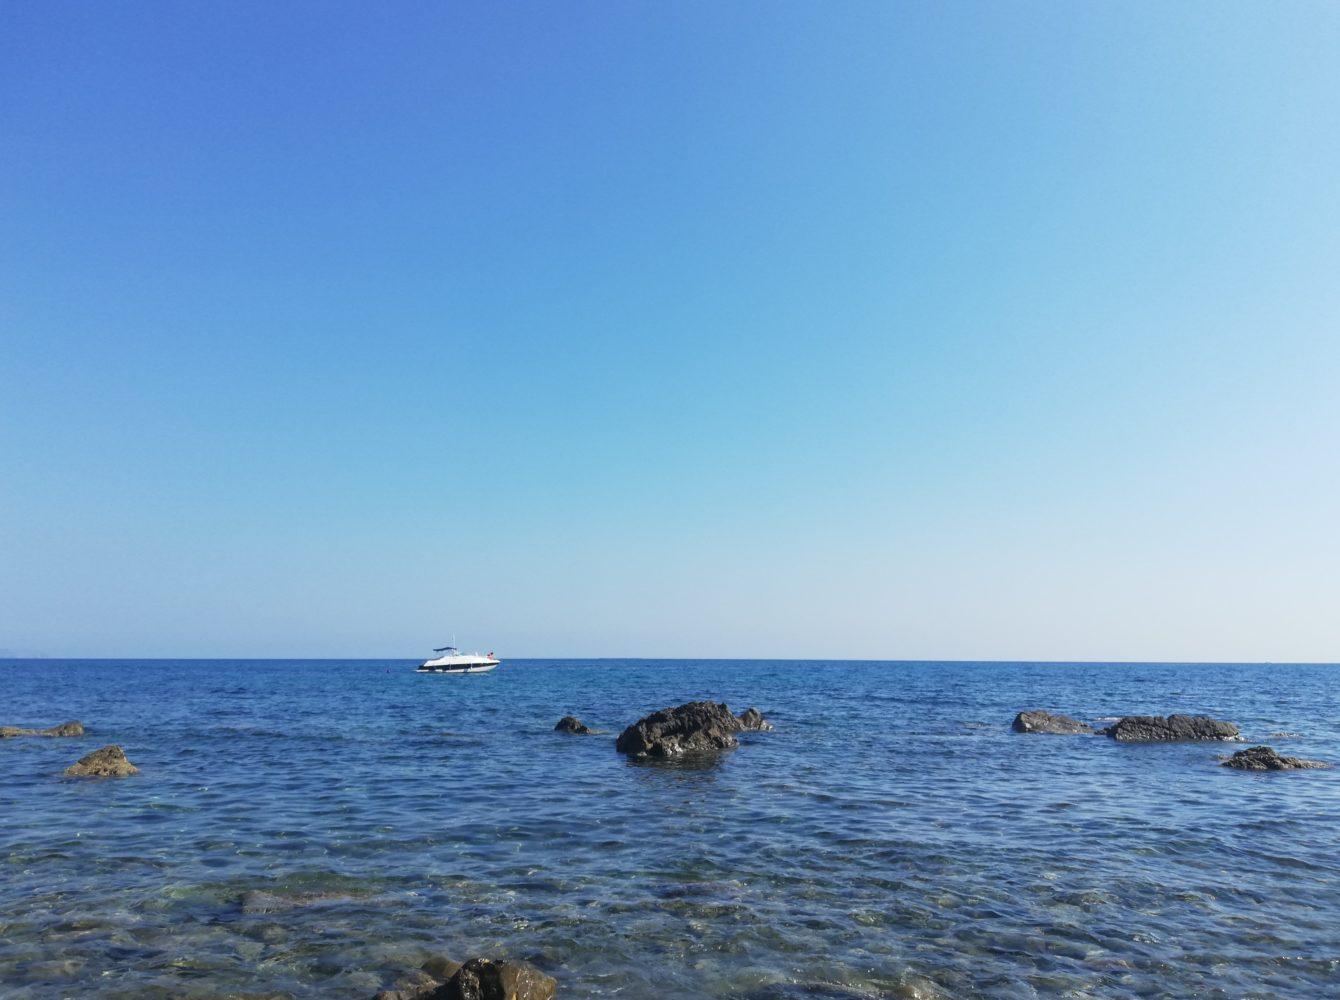 discesa a mare fossa dell'elice casalvelino pioppi, il cilentano cilento spiagge cilentane.jpg